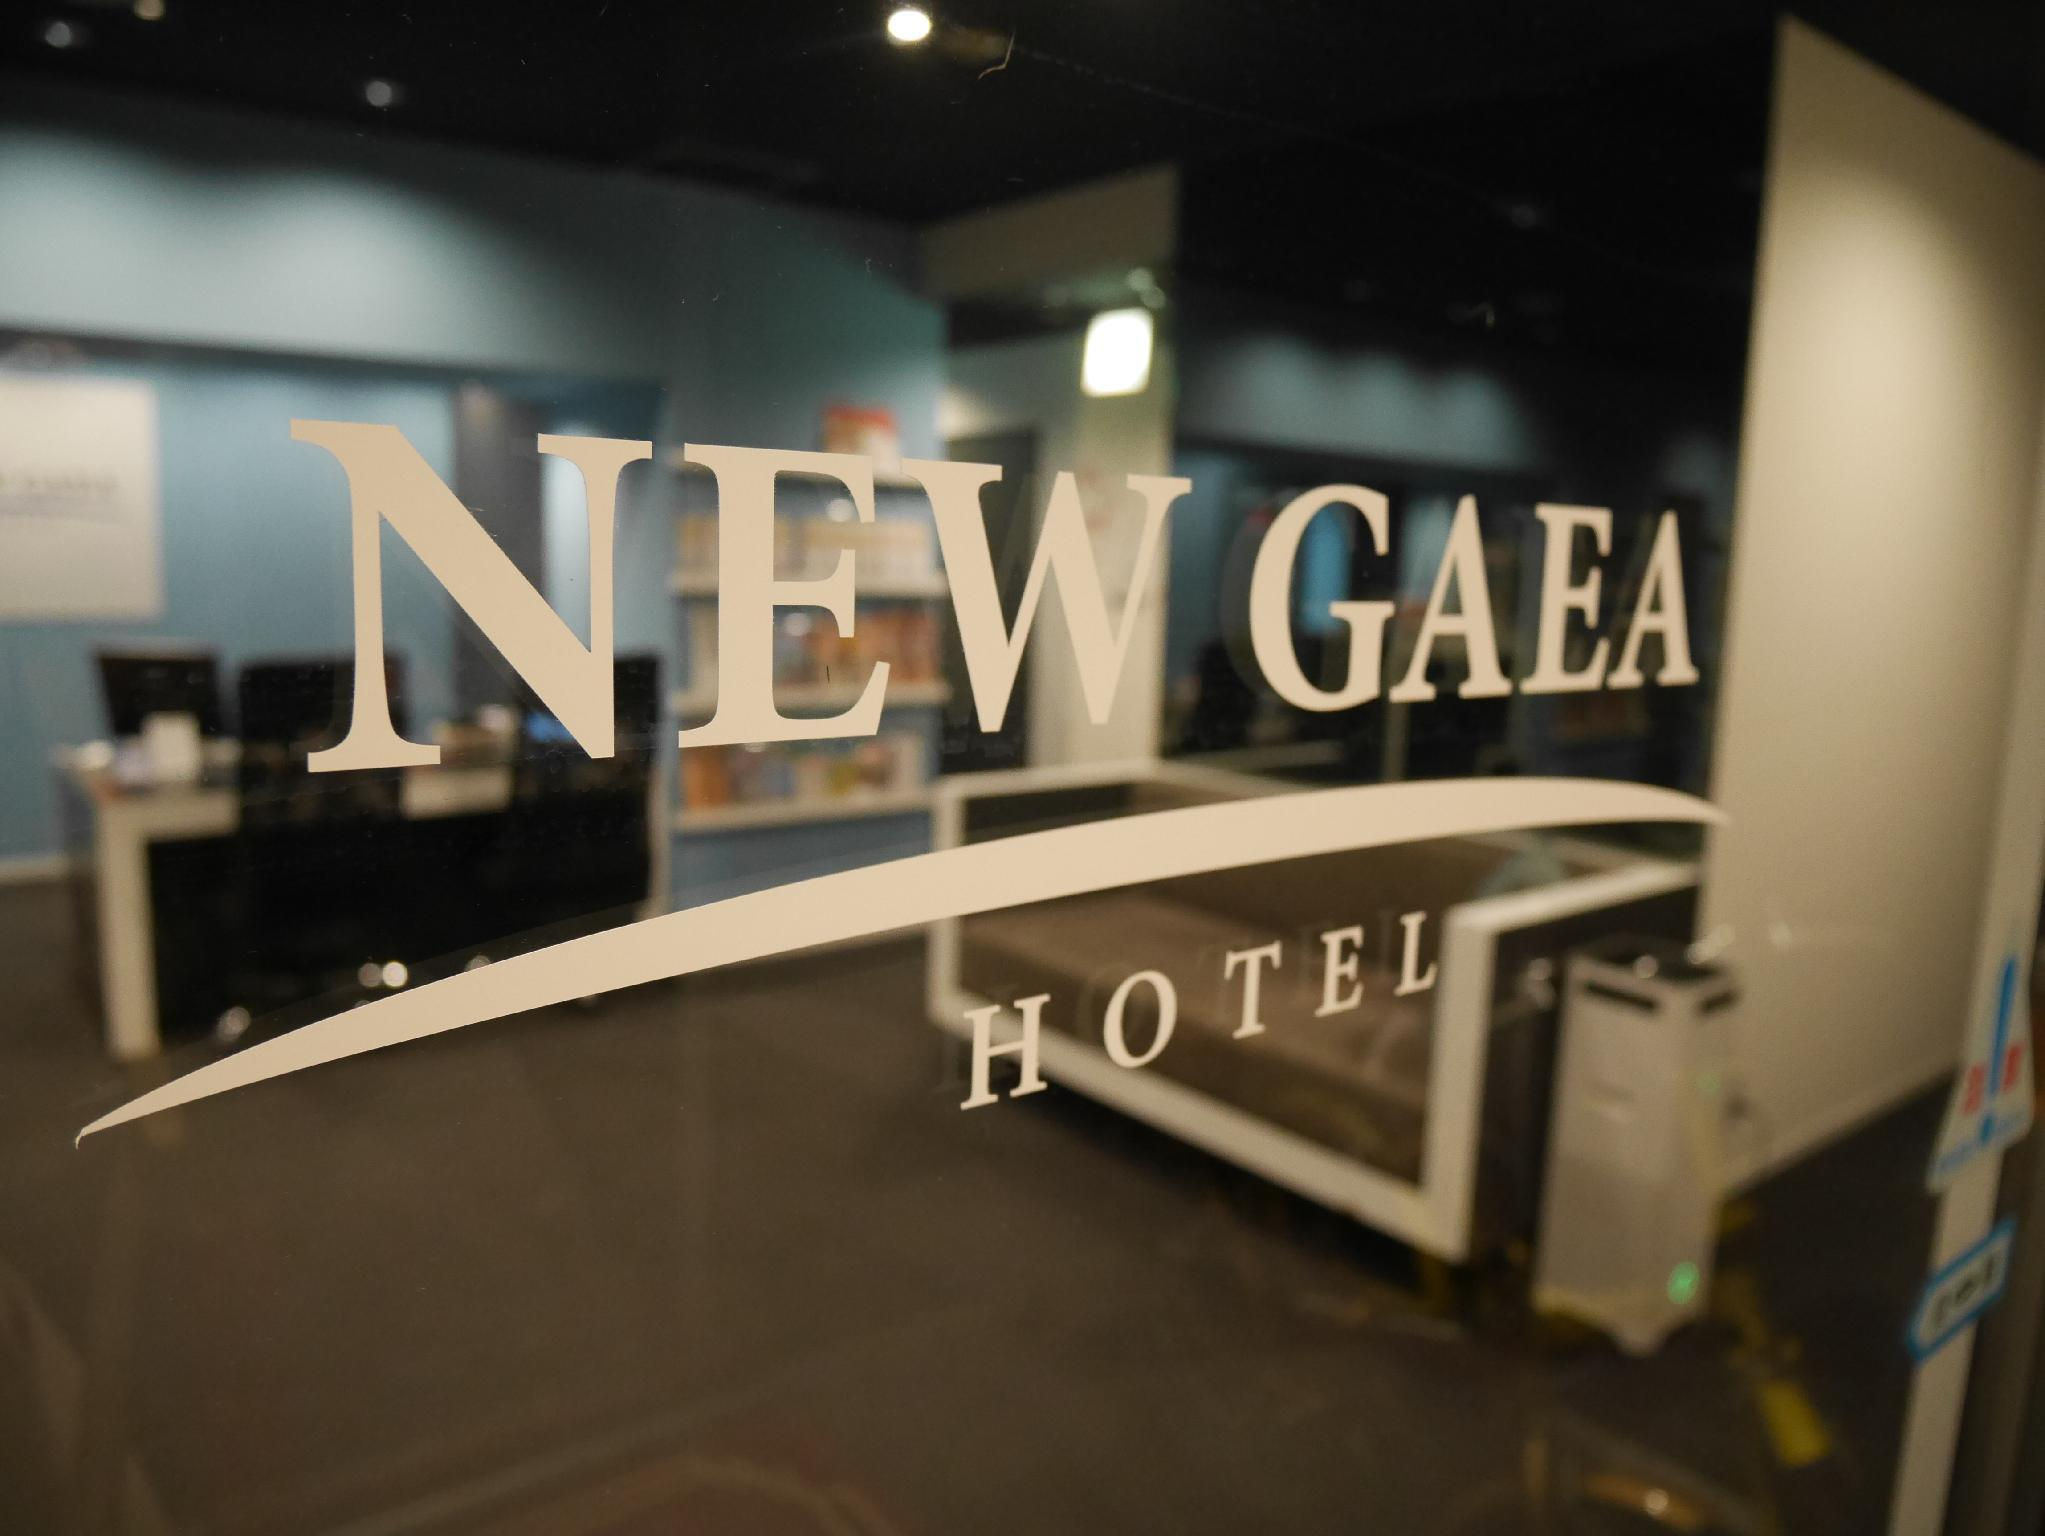 Hotel New Gaea Hakata-eki Minami, Fukuoka